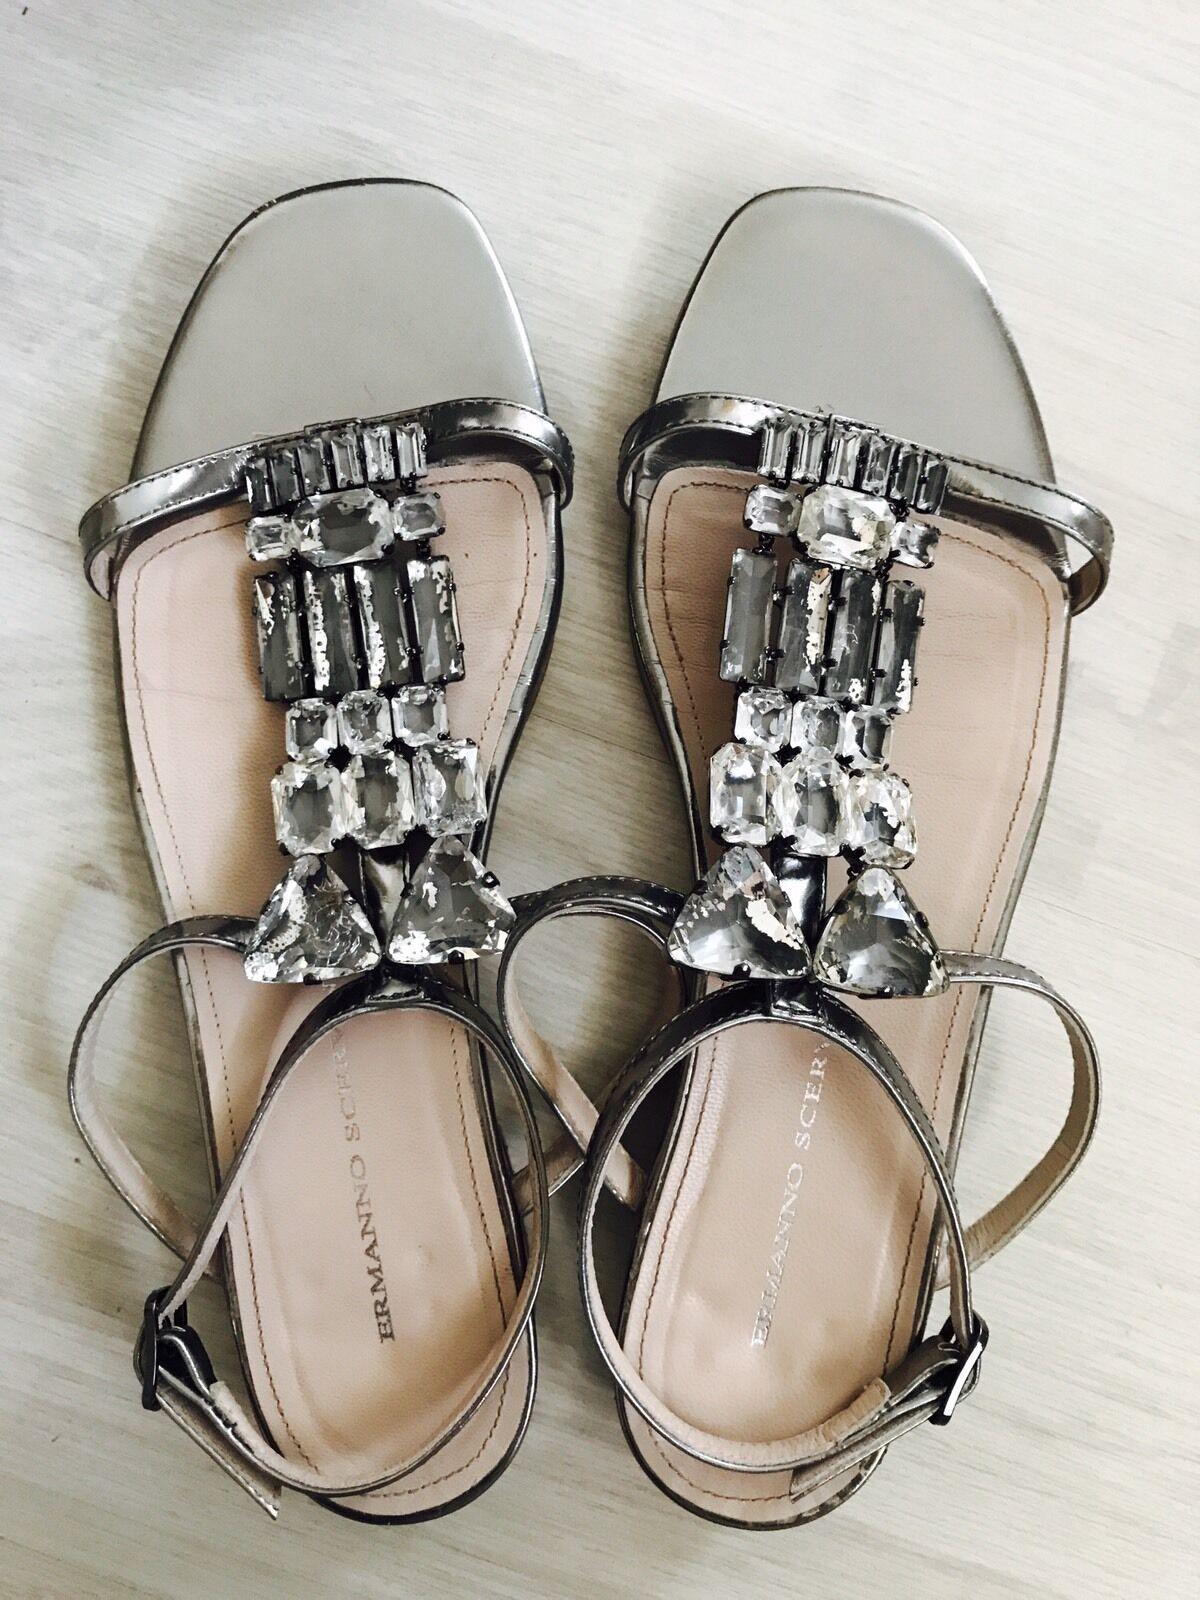 Ermanno Scervino Sandals shoes Sandali Women women Size 38 5